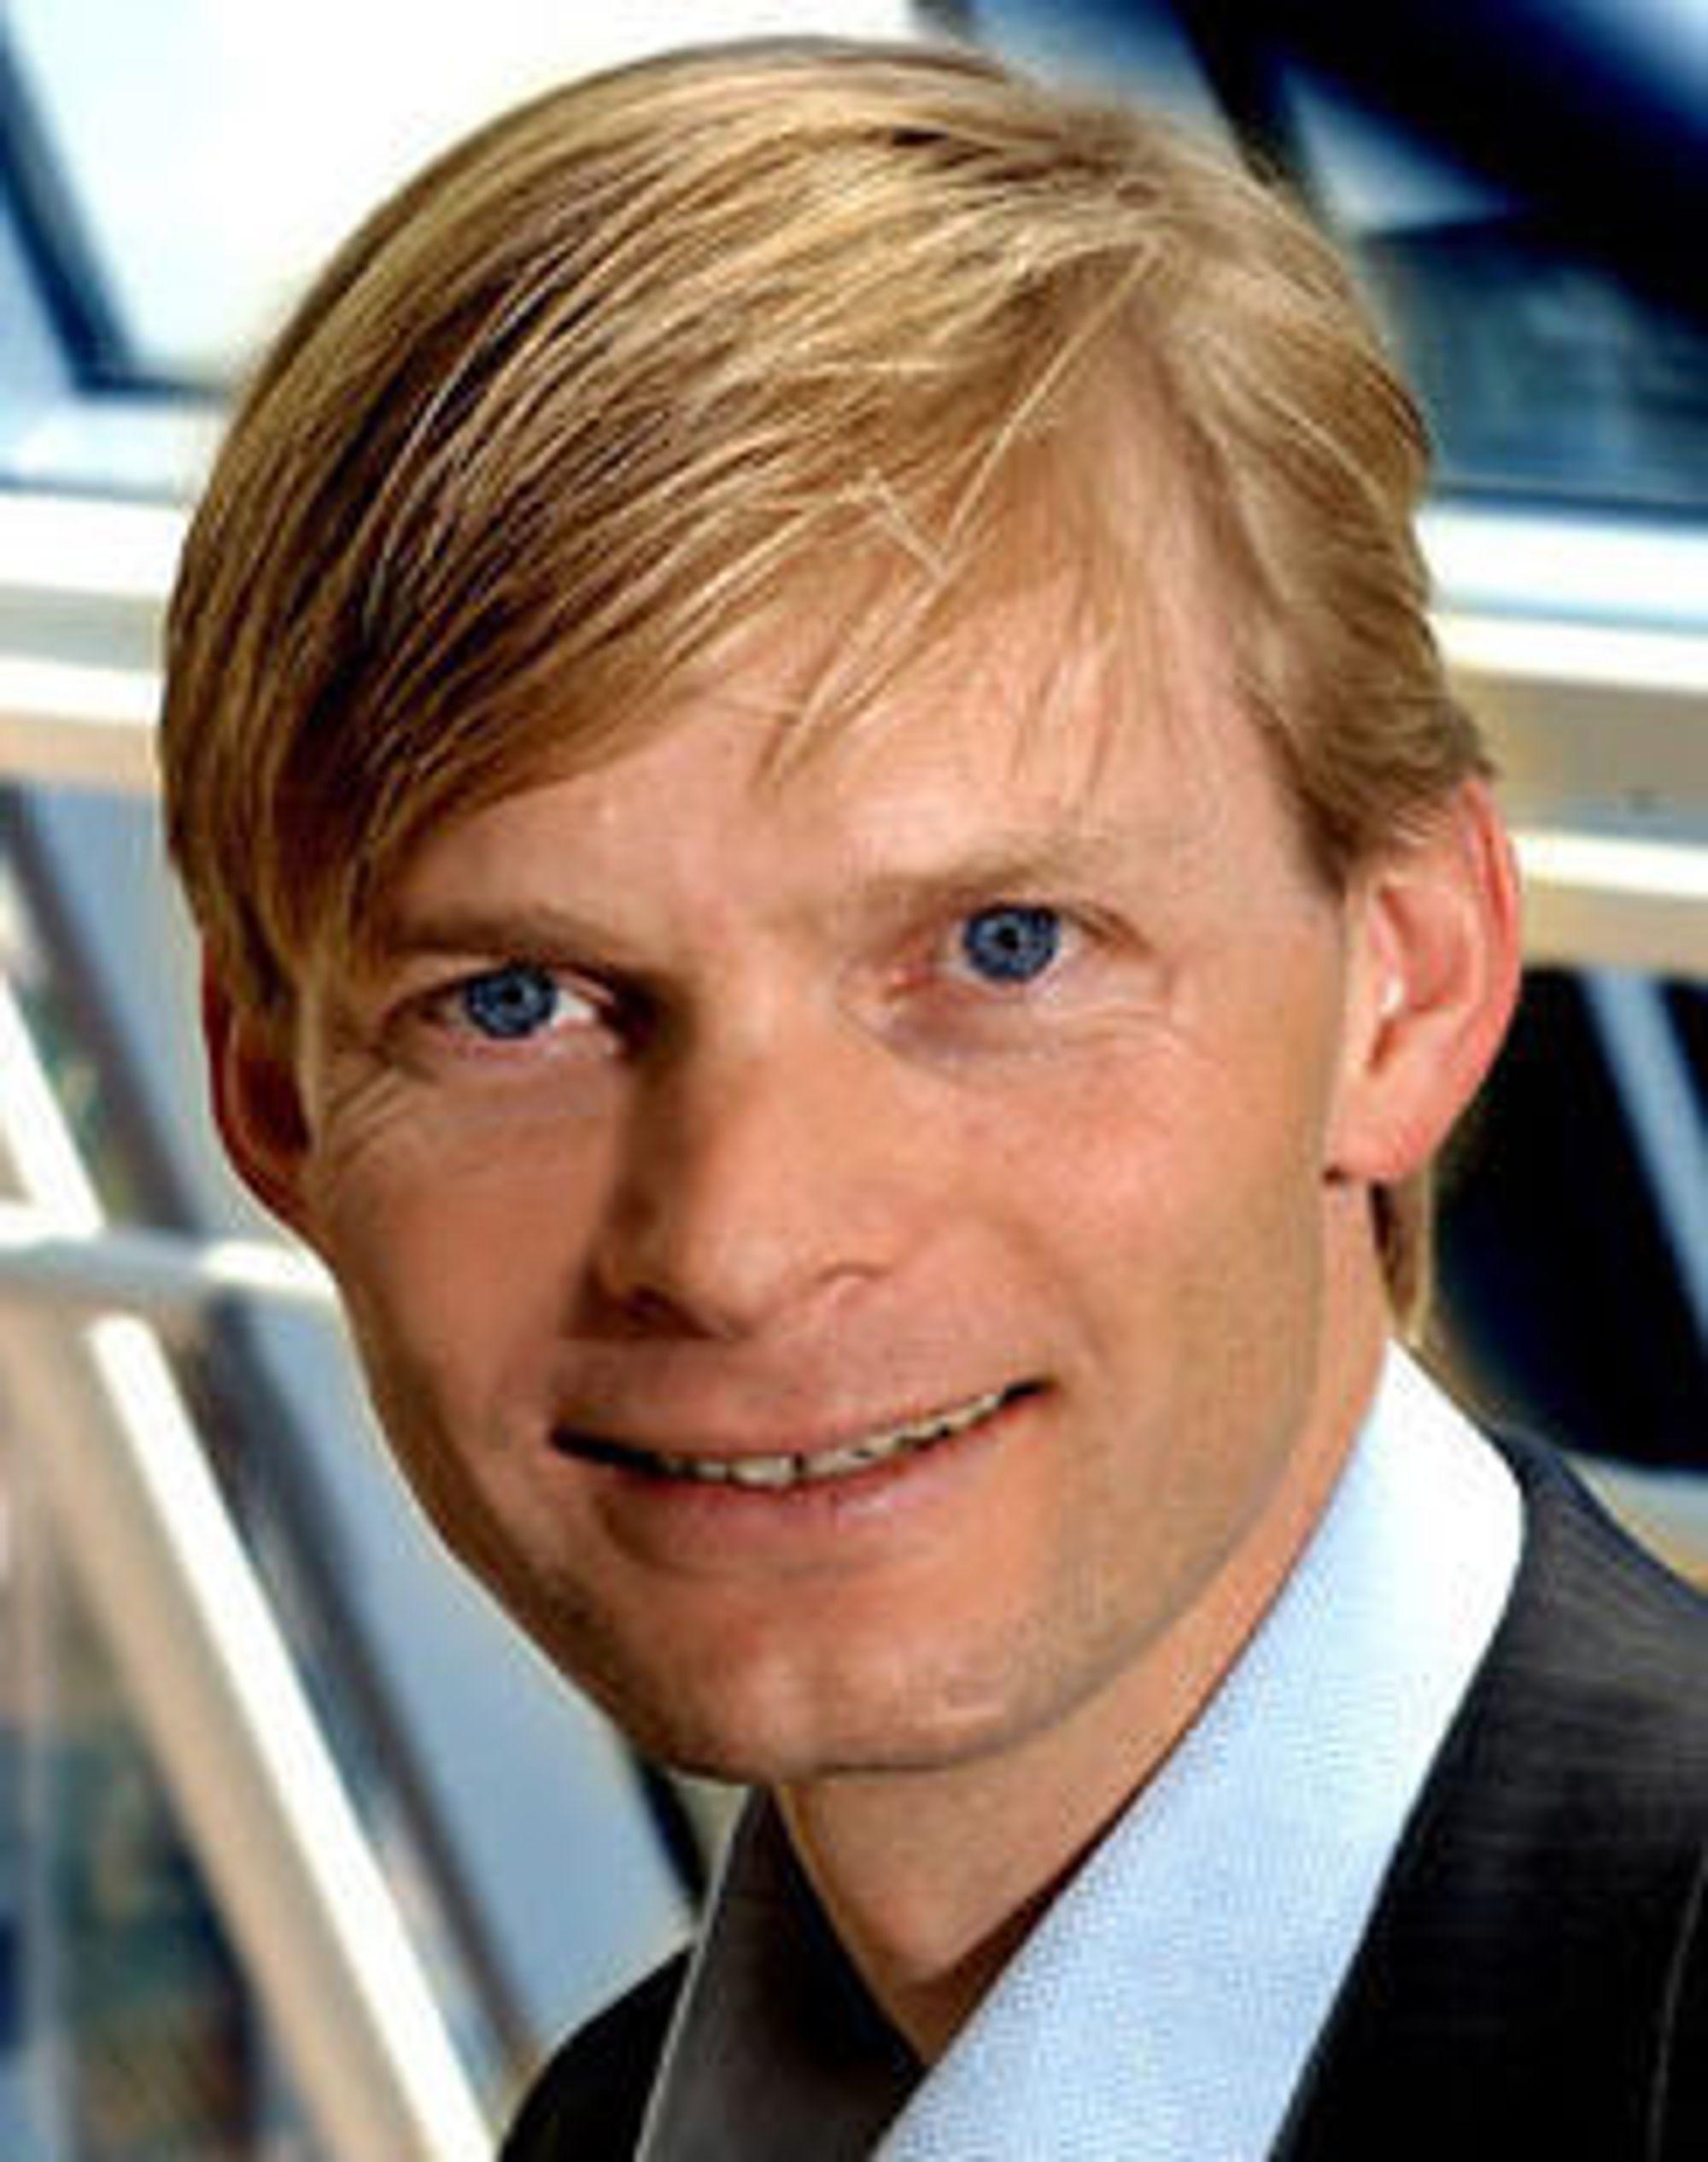 Styreformann er i Kabel Norge og direktør for samfunnskontakt i Get.